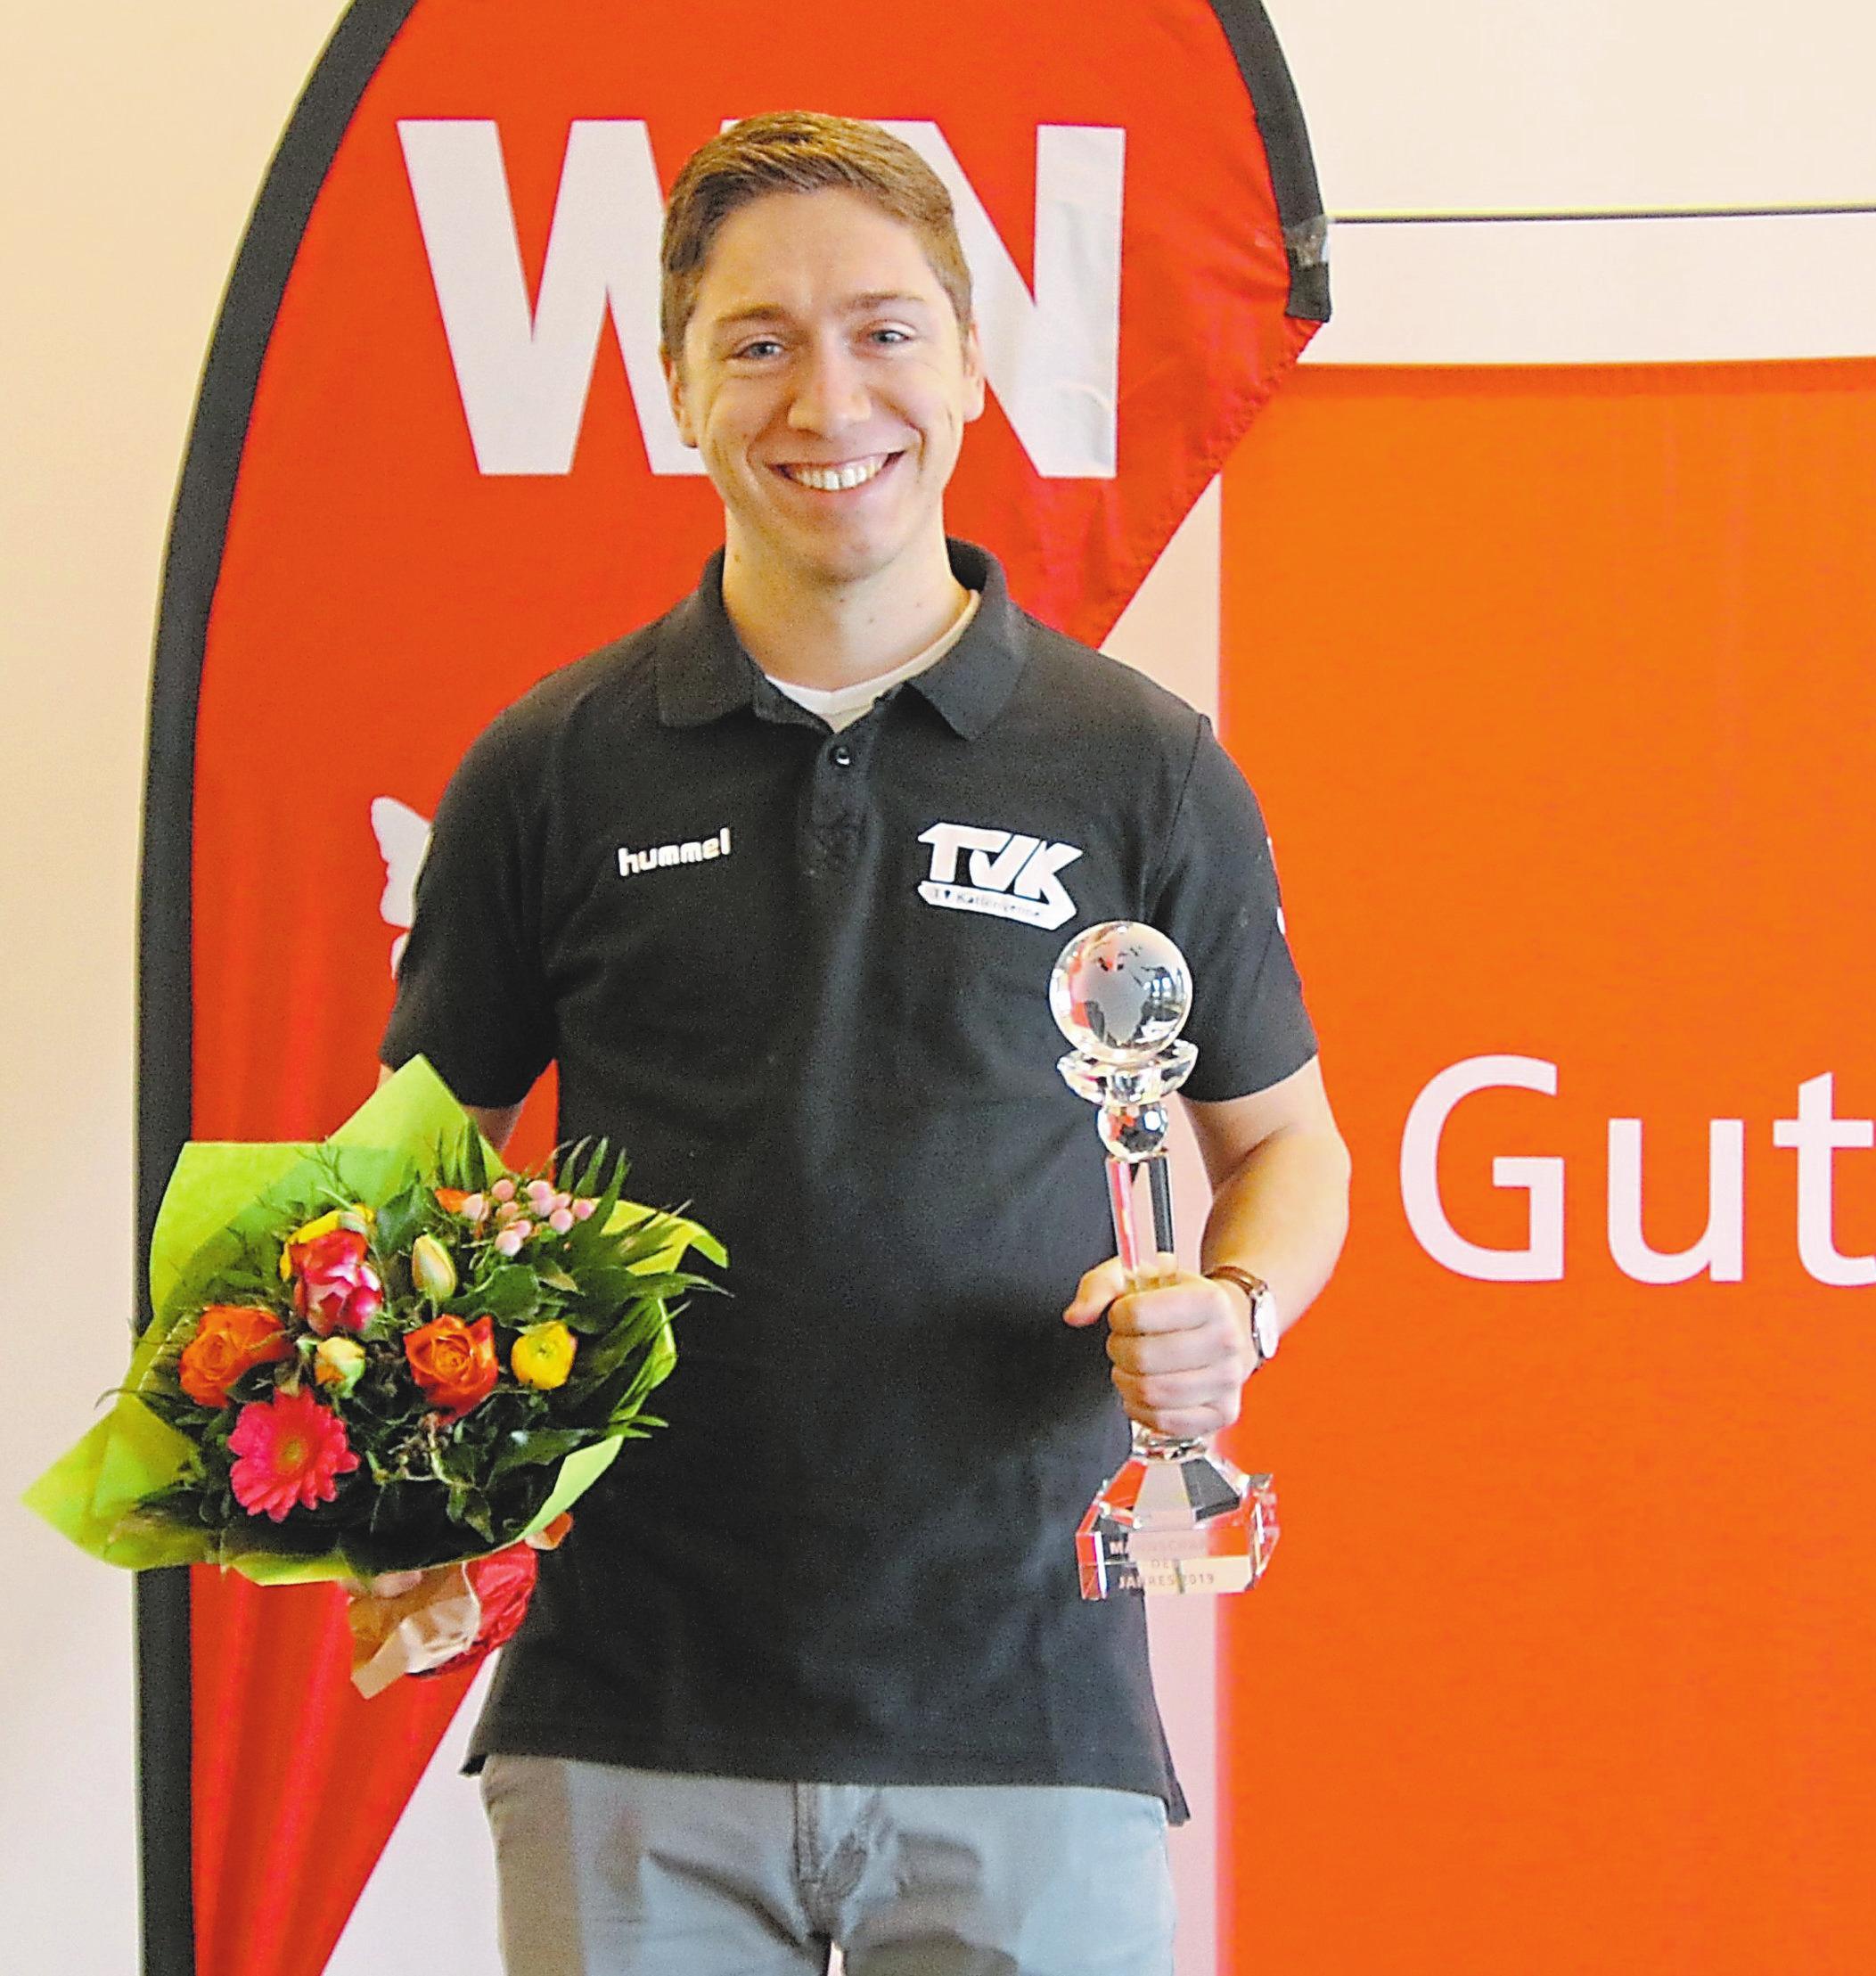 Nils Alker von den Handballern des TV Kattenvenne hat allen Grund zur Freude, ebenso wie Trainer Stefan Hülsmeier (rechts). Das Team ist zur Mannschaft des Jahres 2019 gewählt worden.